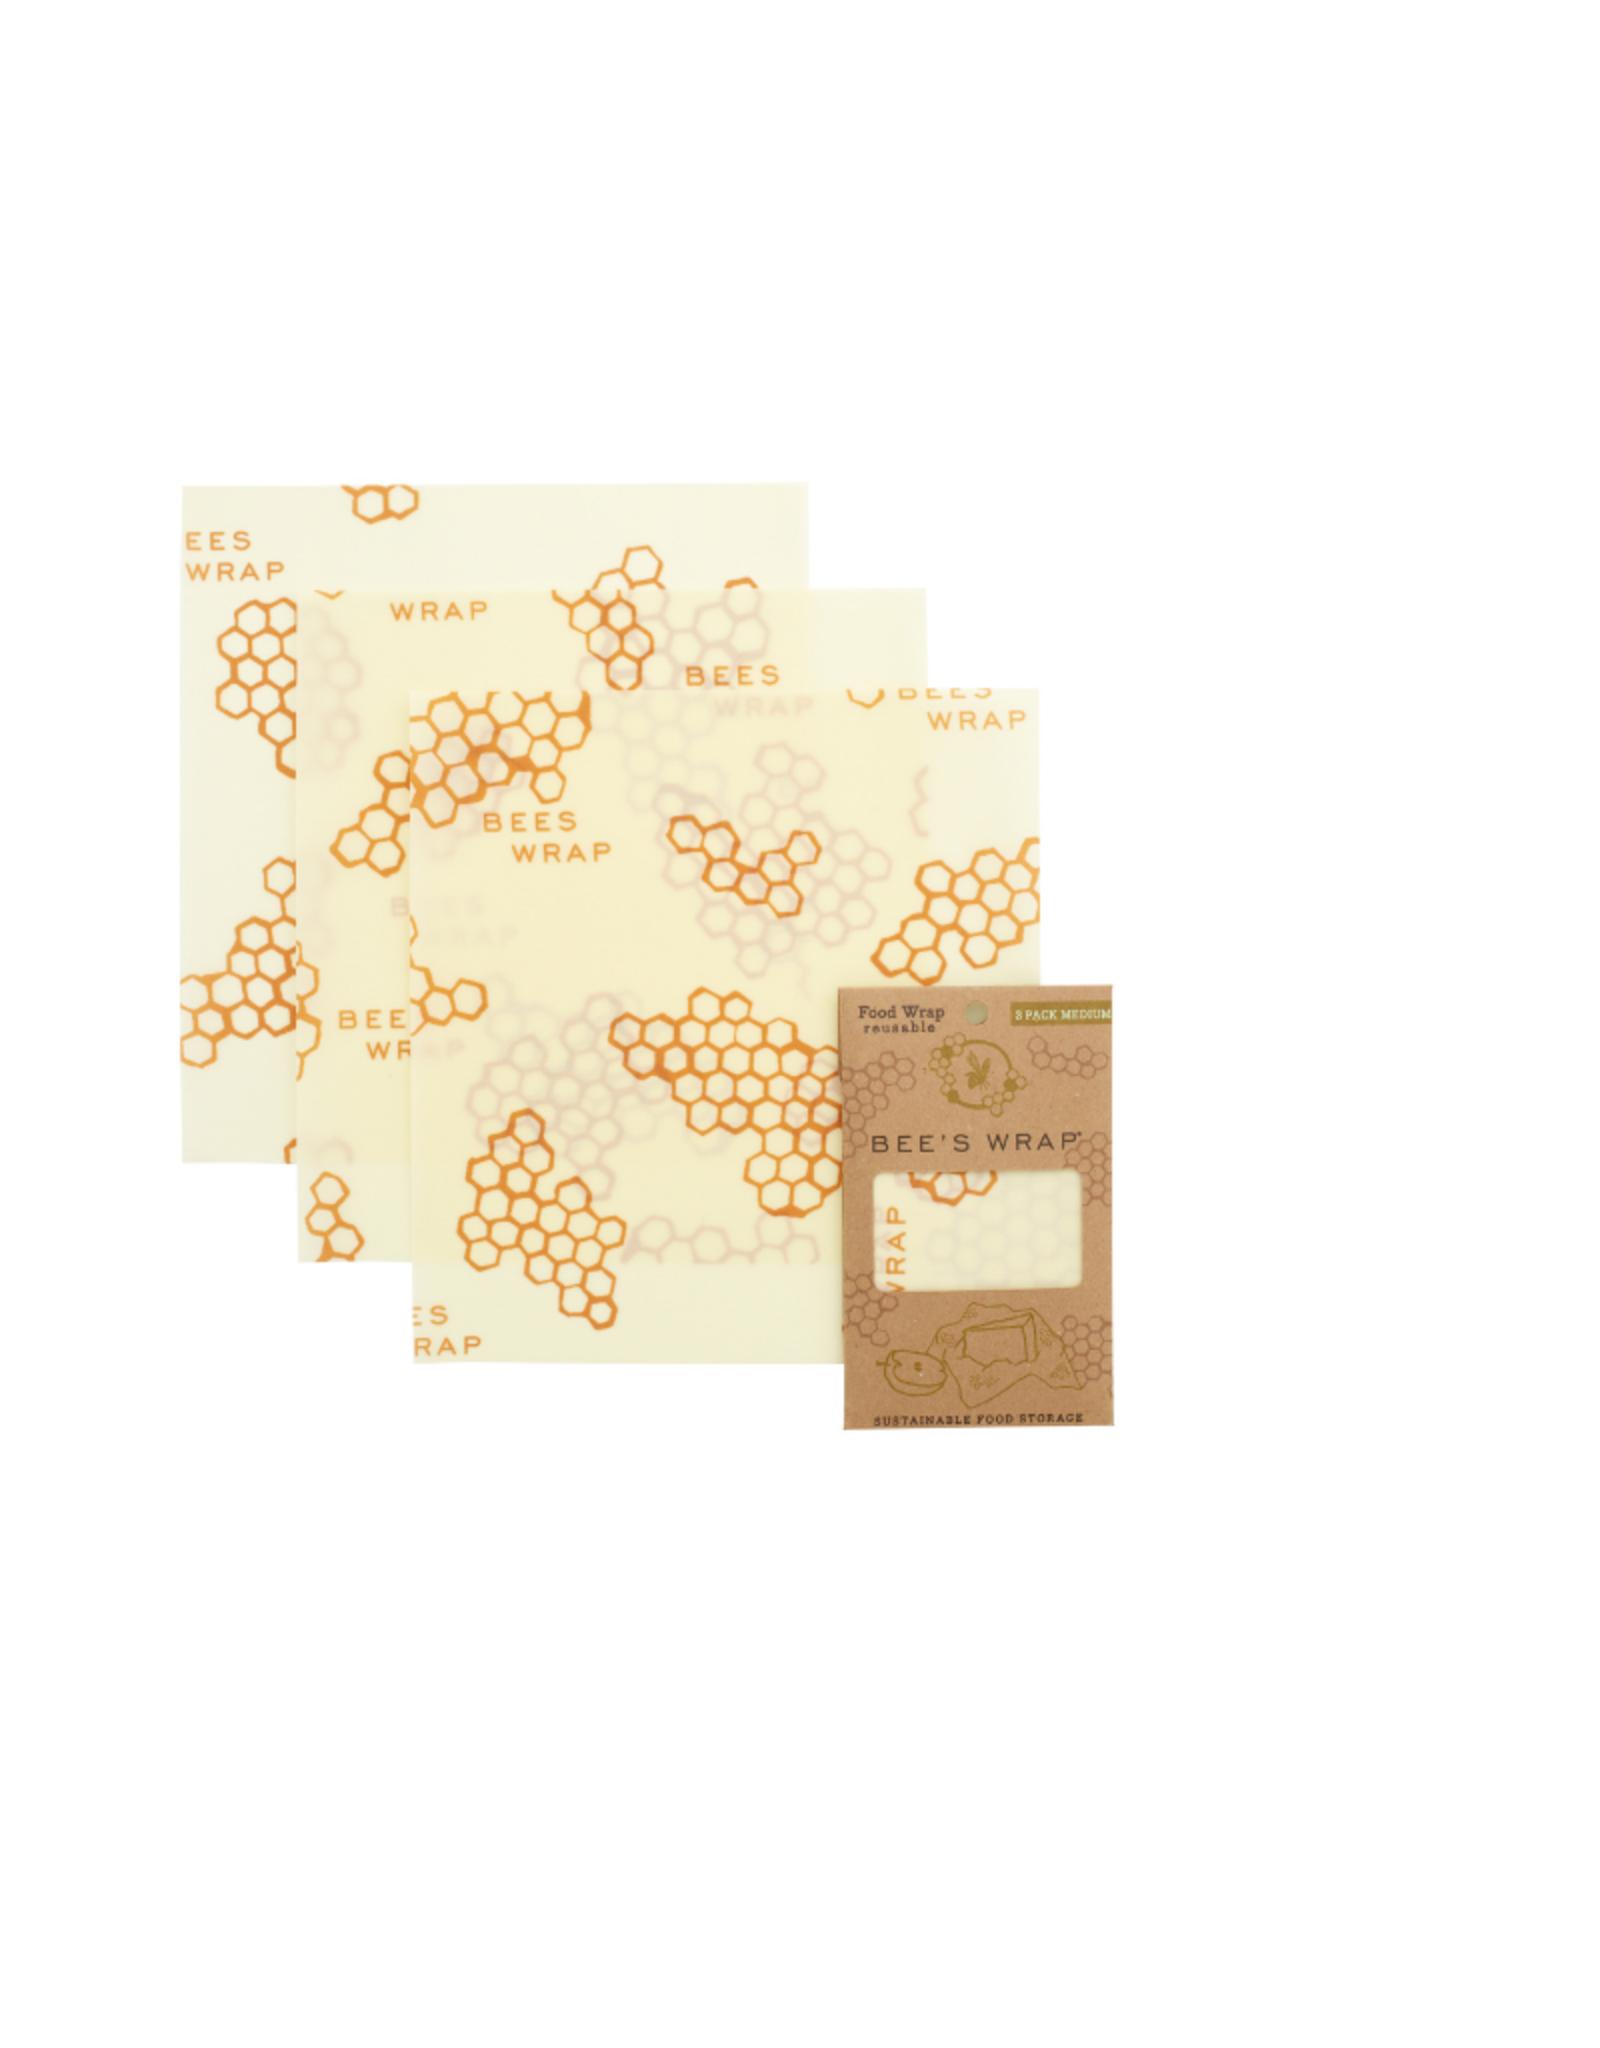 Bee's Wrap Bee's Wrap 3 Pack Medium Wraps